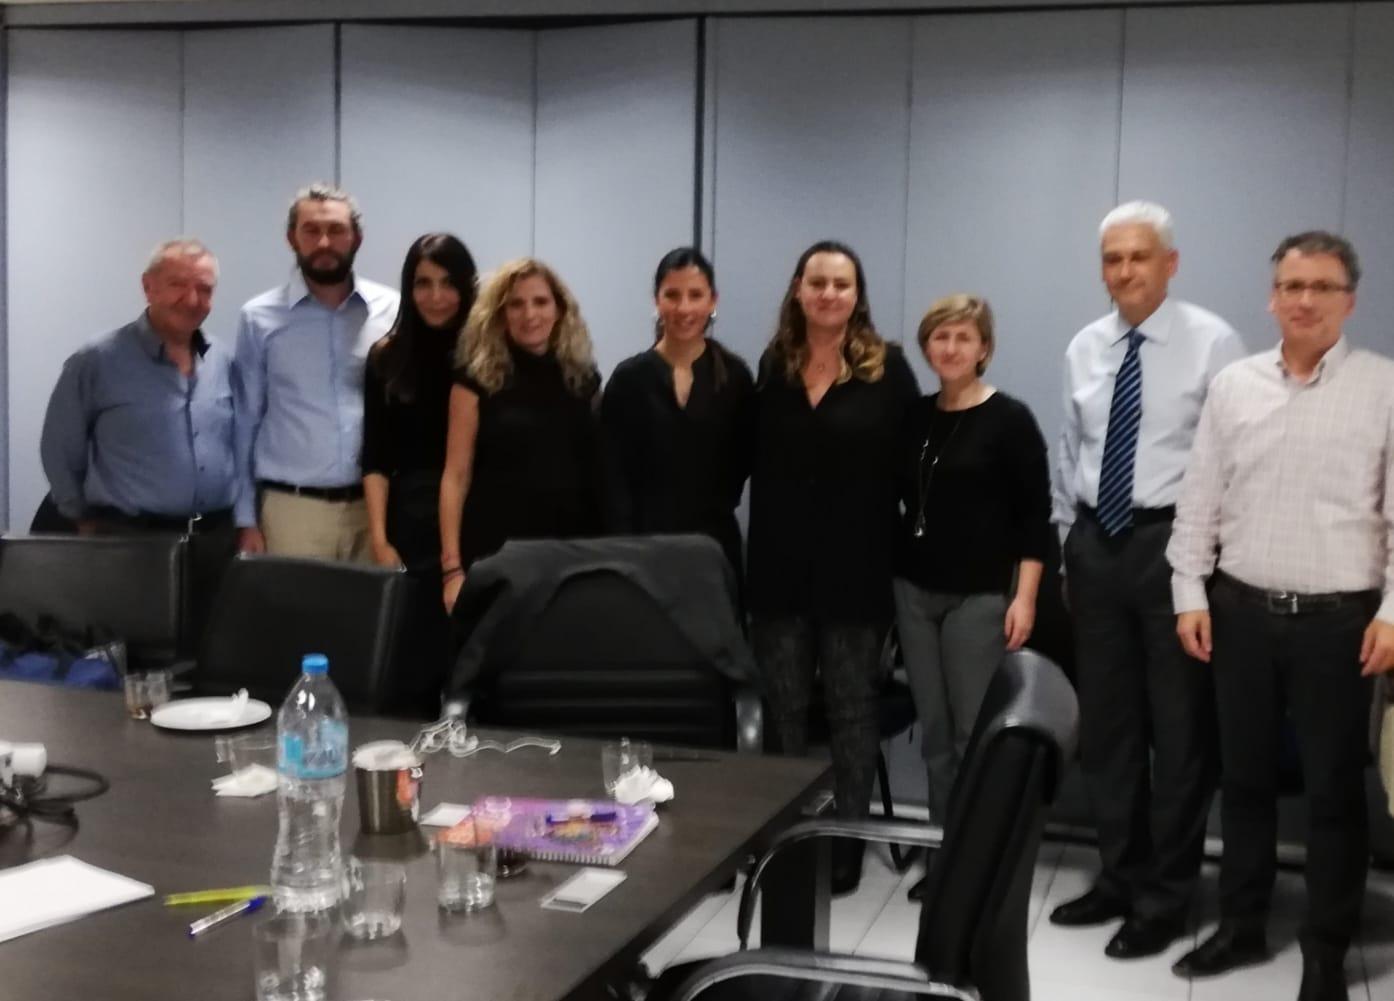 ΠΔΕ: Ο Αντιπεριφερειάρχης Φωκίων Ζαϊμης σε τεχνική συνάντηση για την πορεία των έργων INTERREG